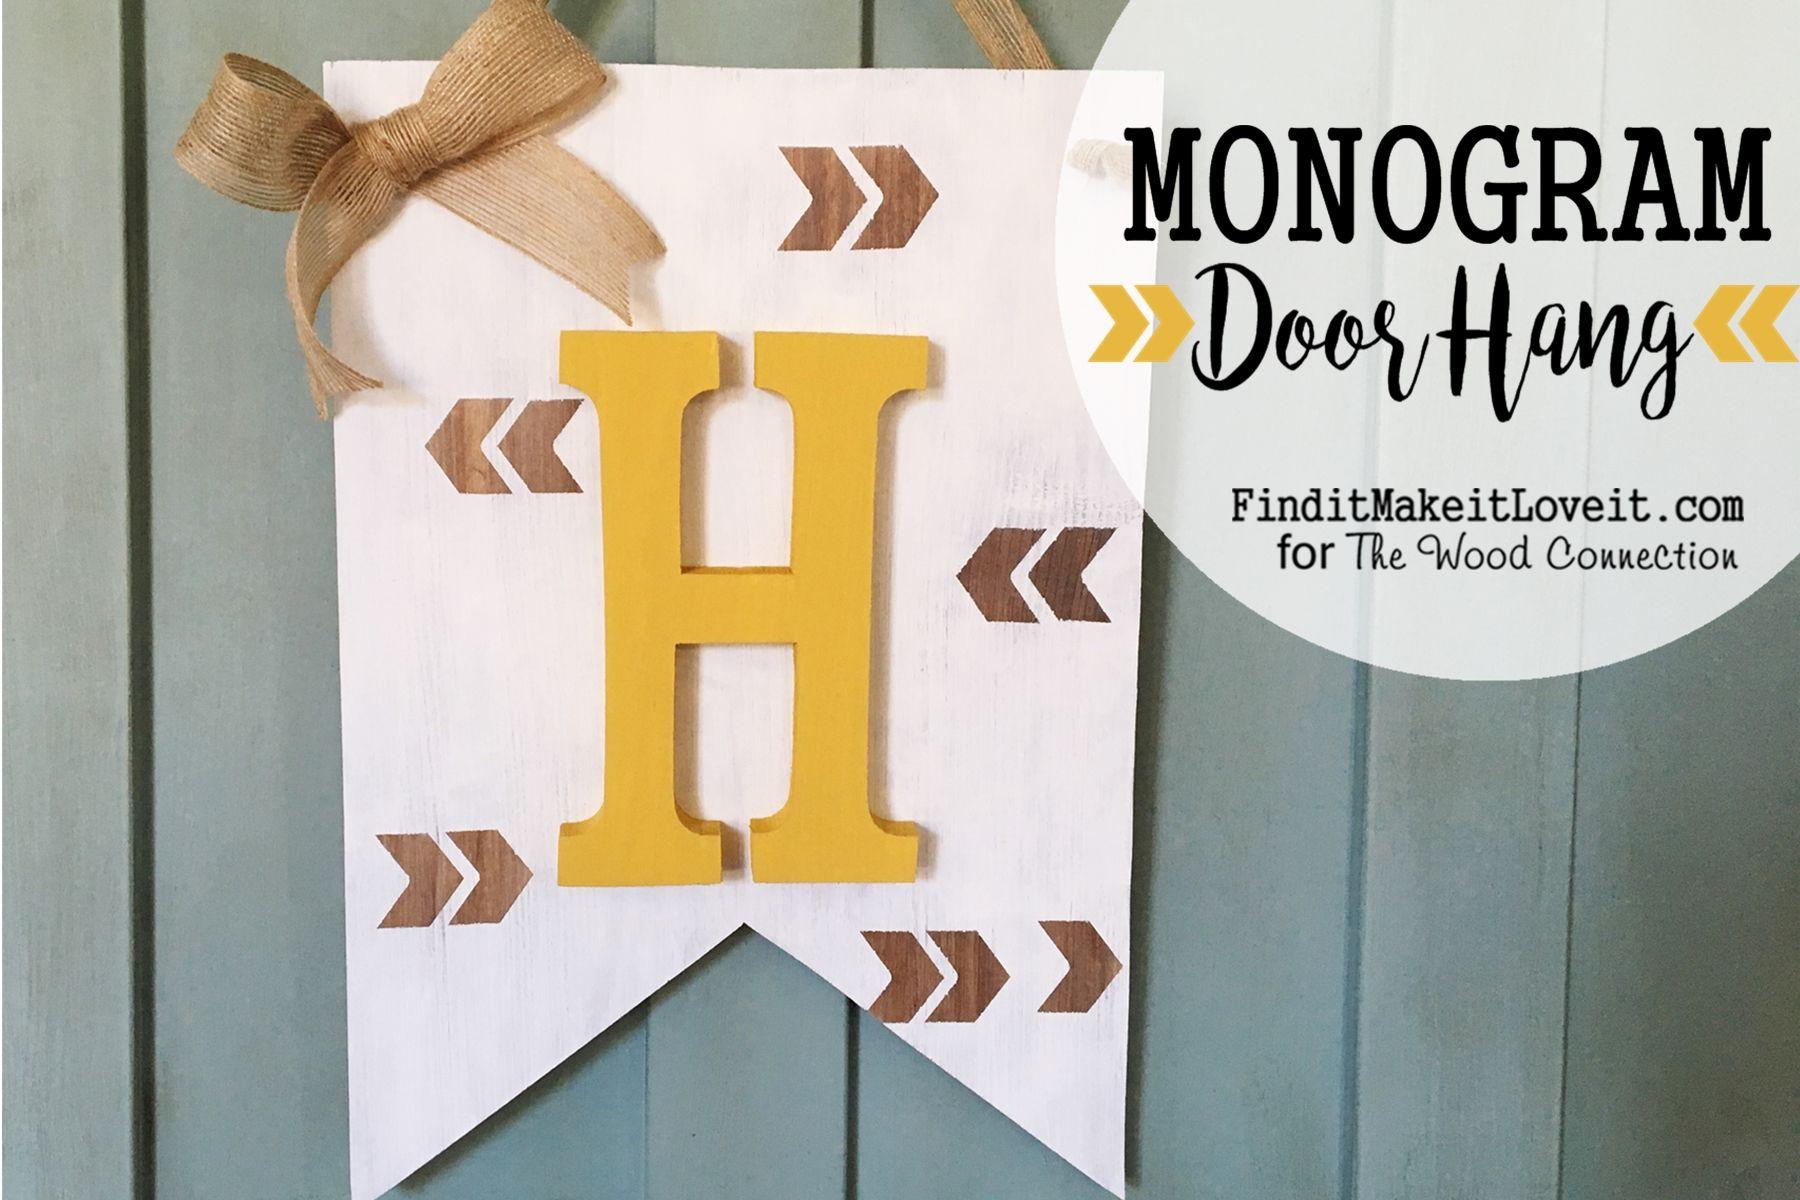 Monogram Banner Door Hang - The Wood Connection Blog